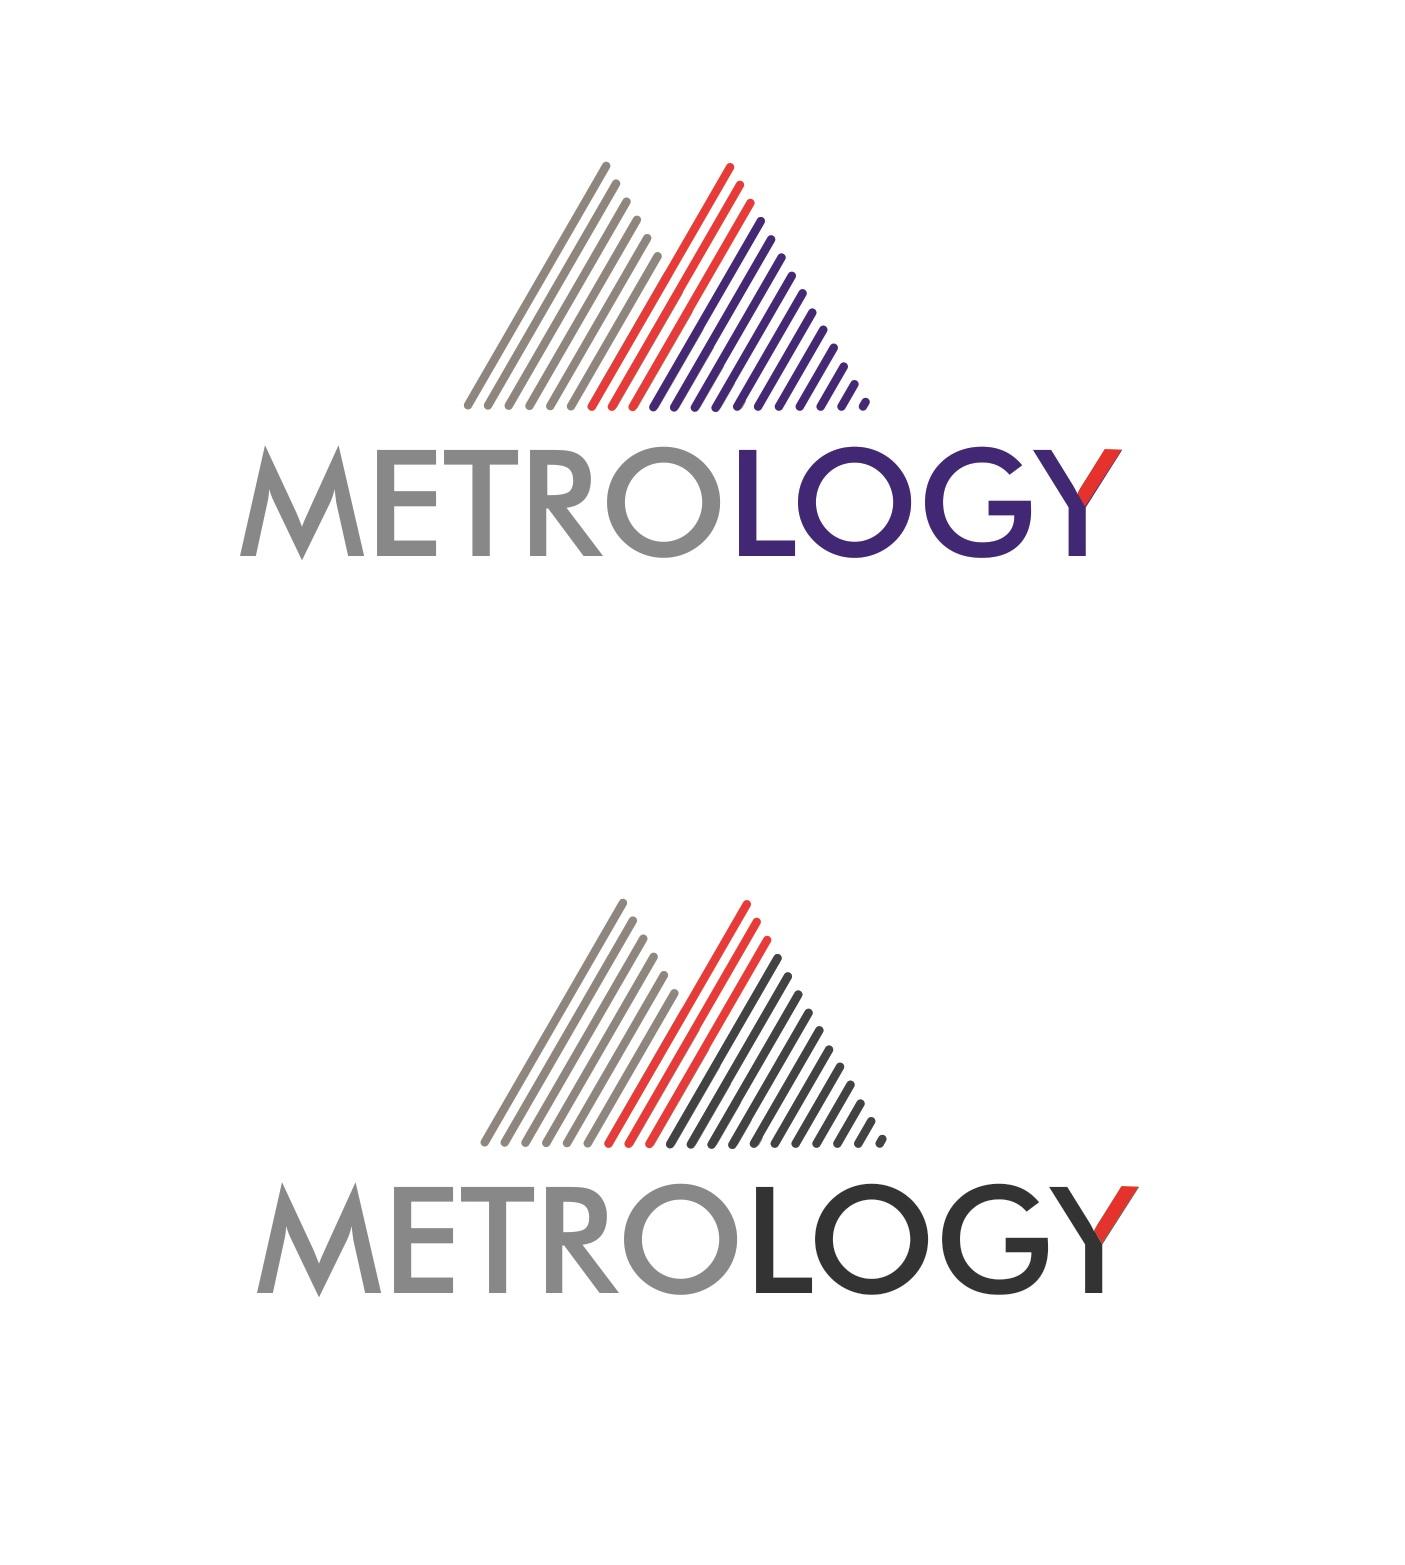 Разработать логотип, визитку, фирменный бланк. фото f_64258ff28a04a9d3.jpg